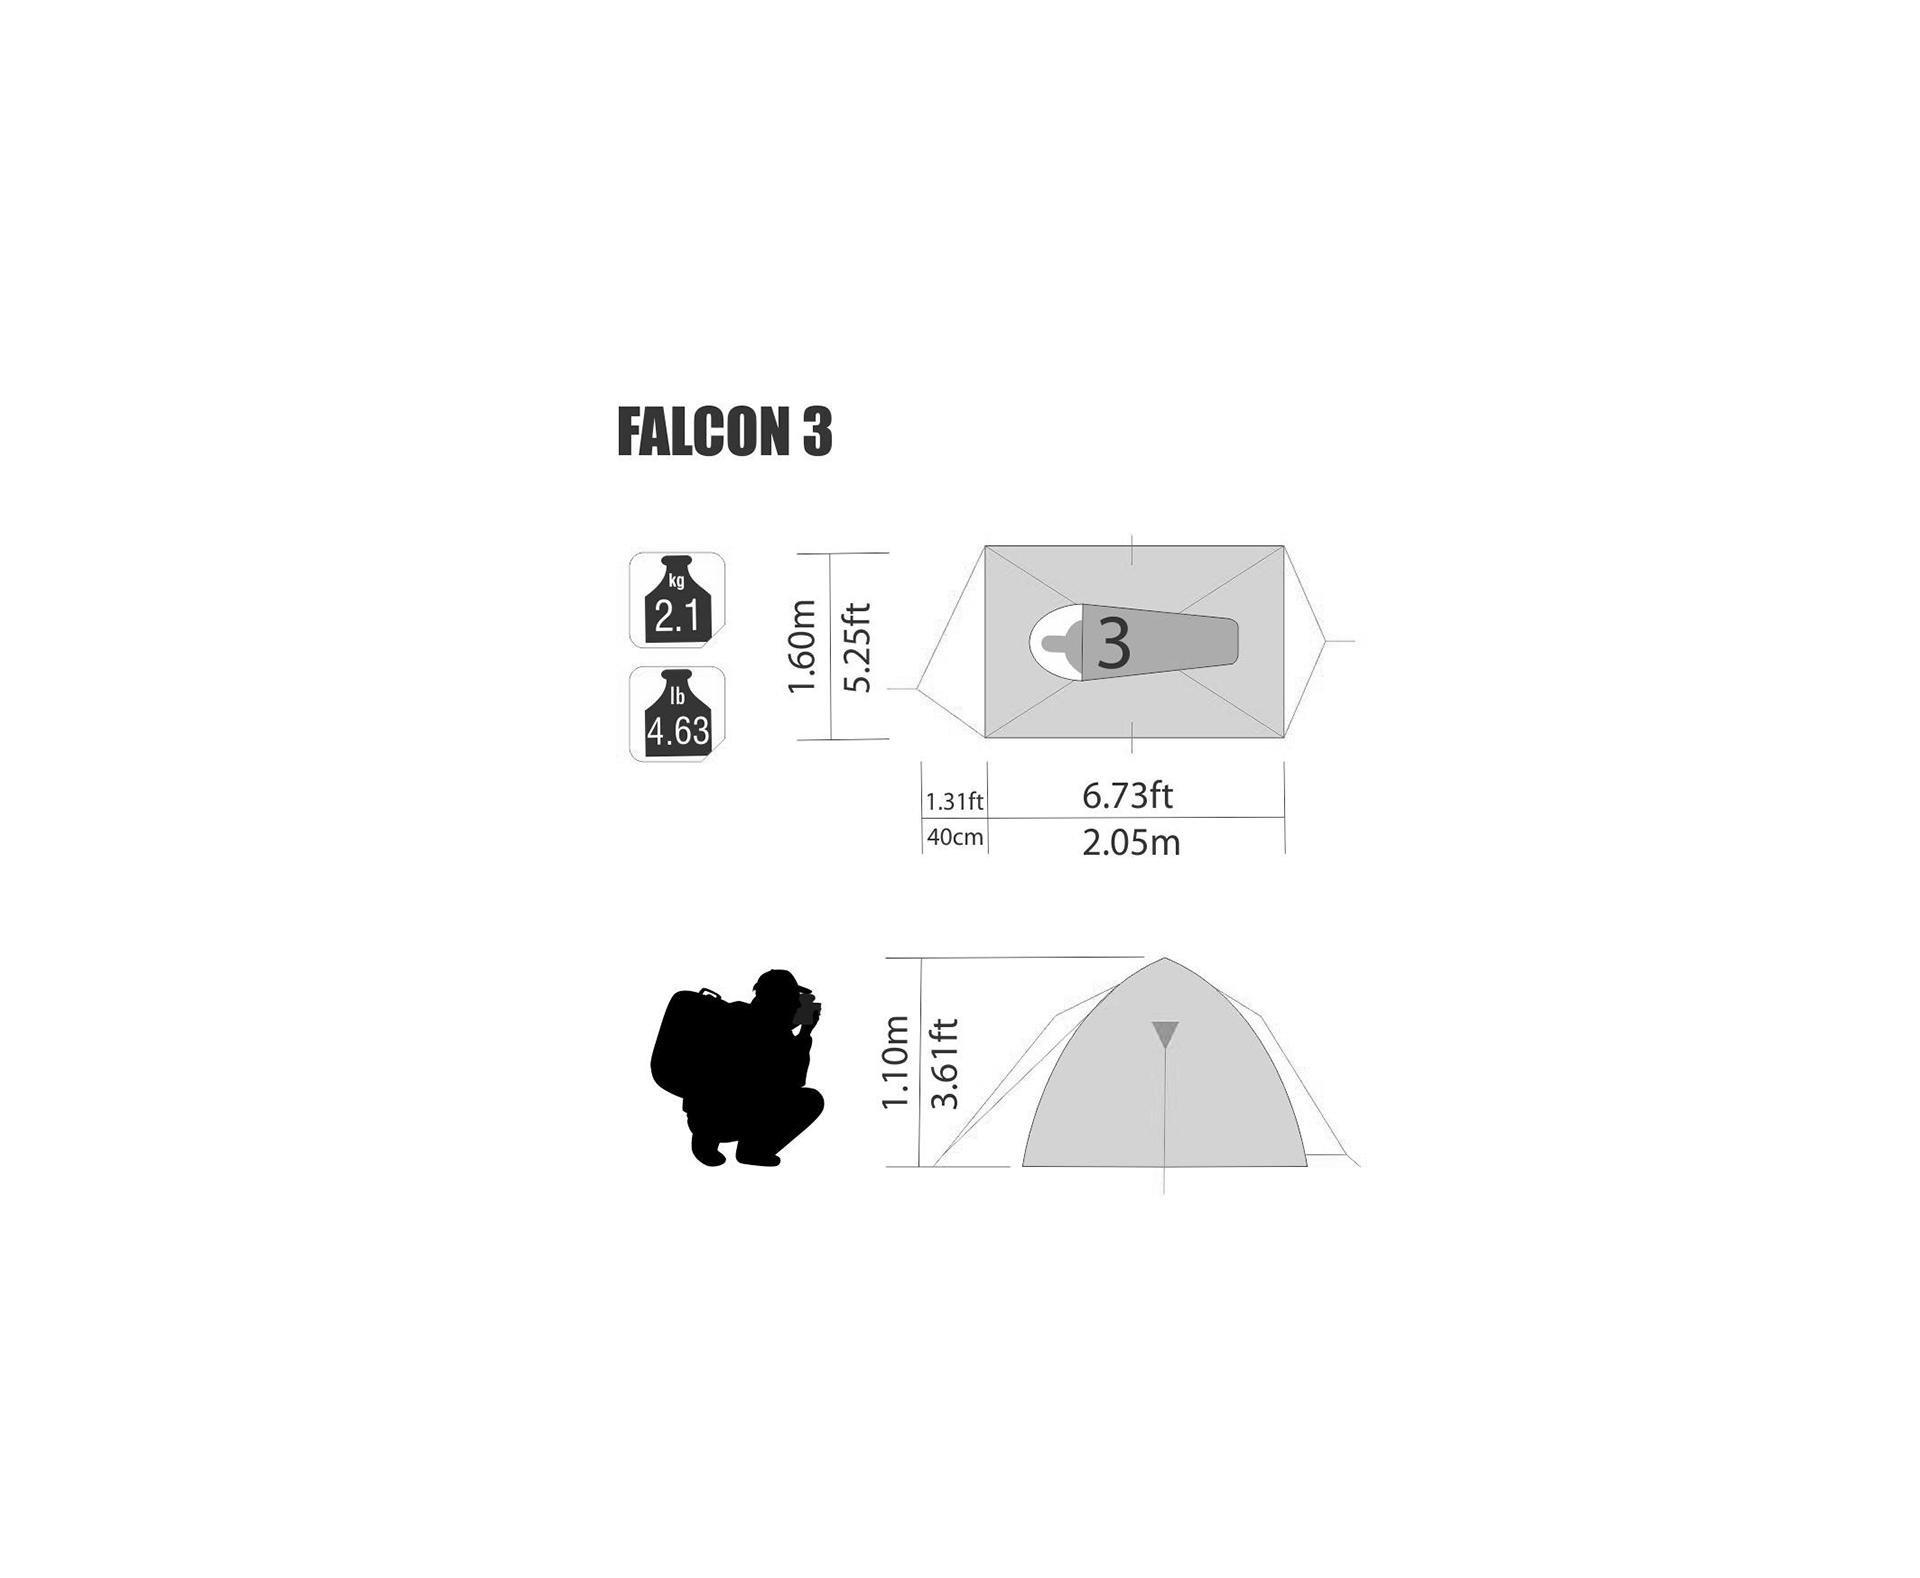 Barraca Iglu Falcon 3 Pessoas Com Sobreteto - Nautika